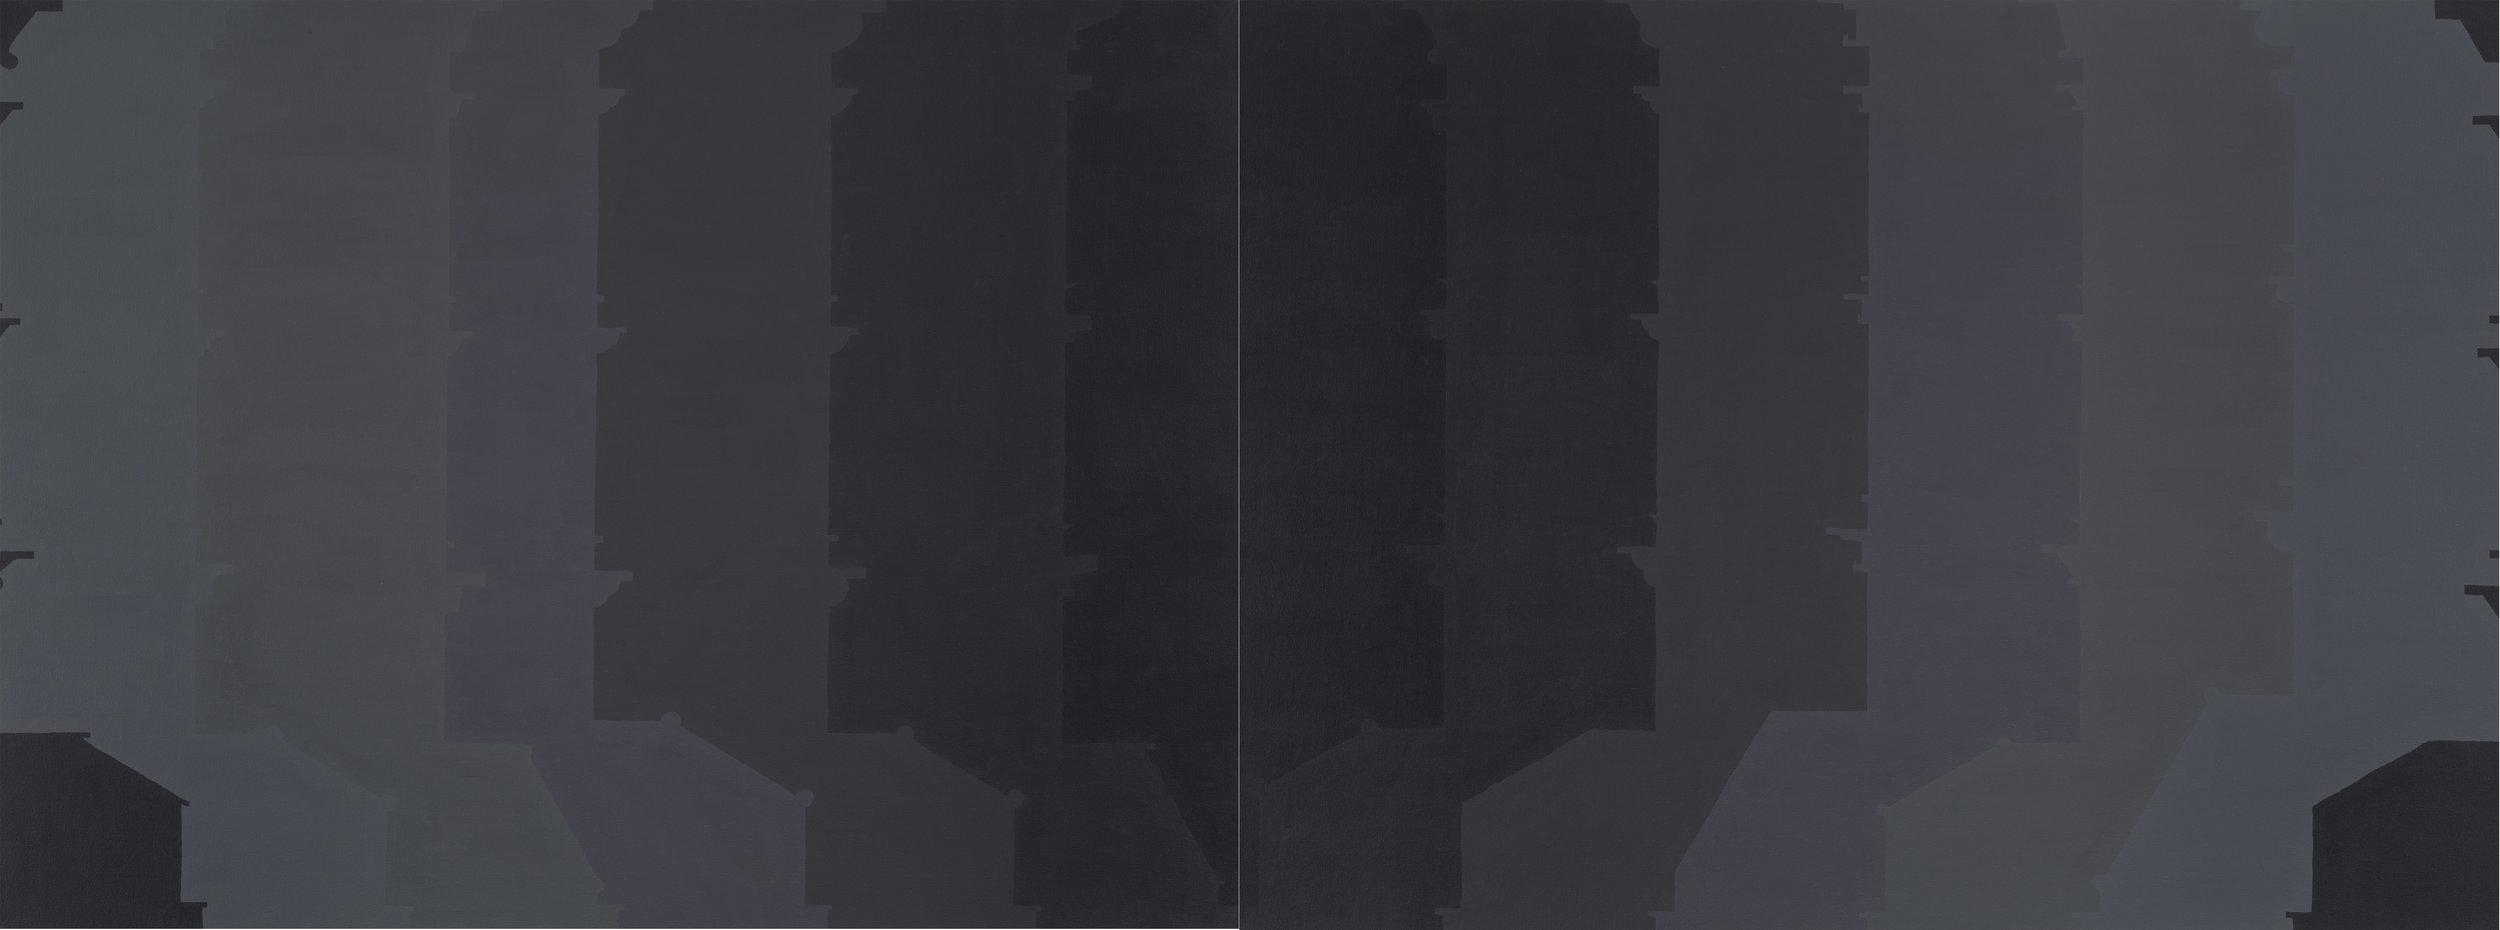 Façades 13, 2012  acrylic on canvas  36 x 96 inches